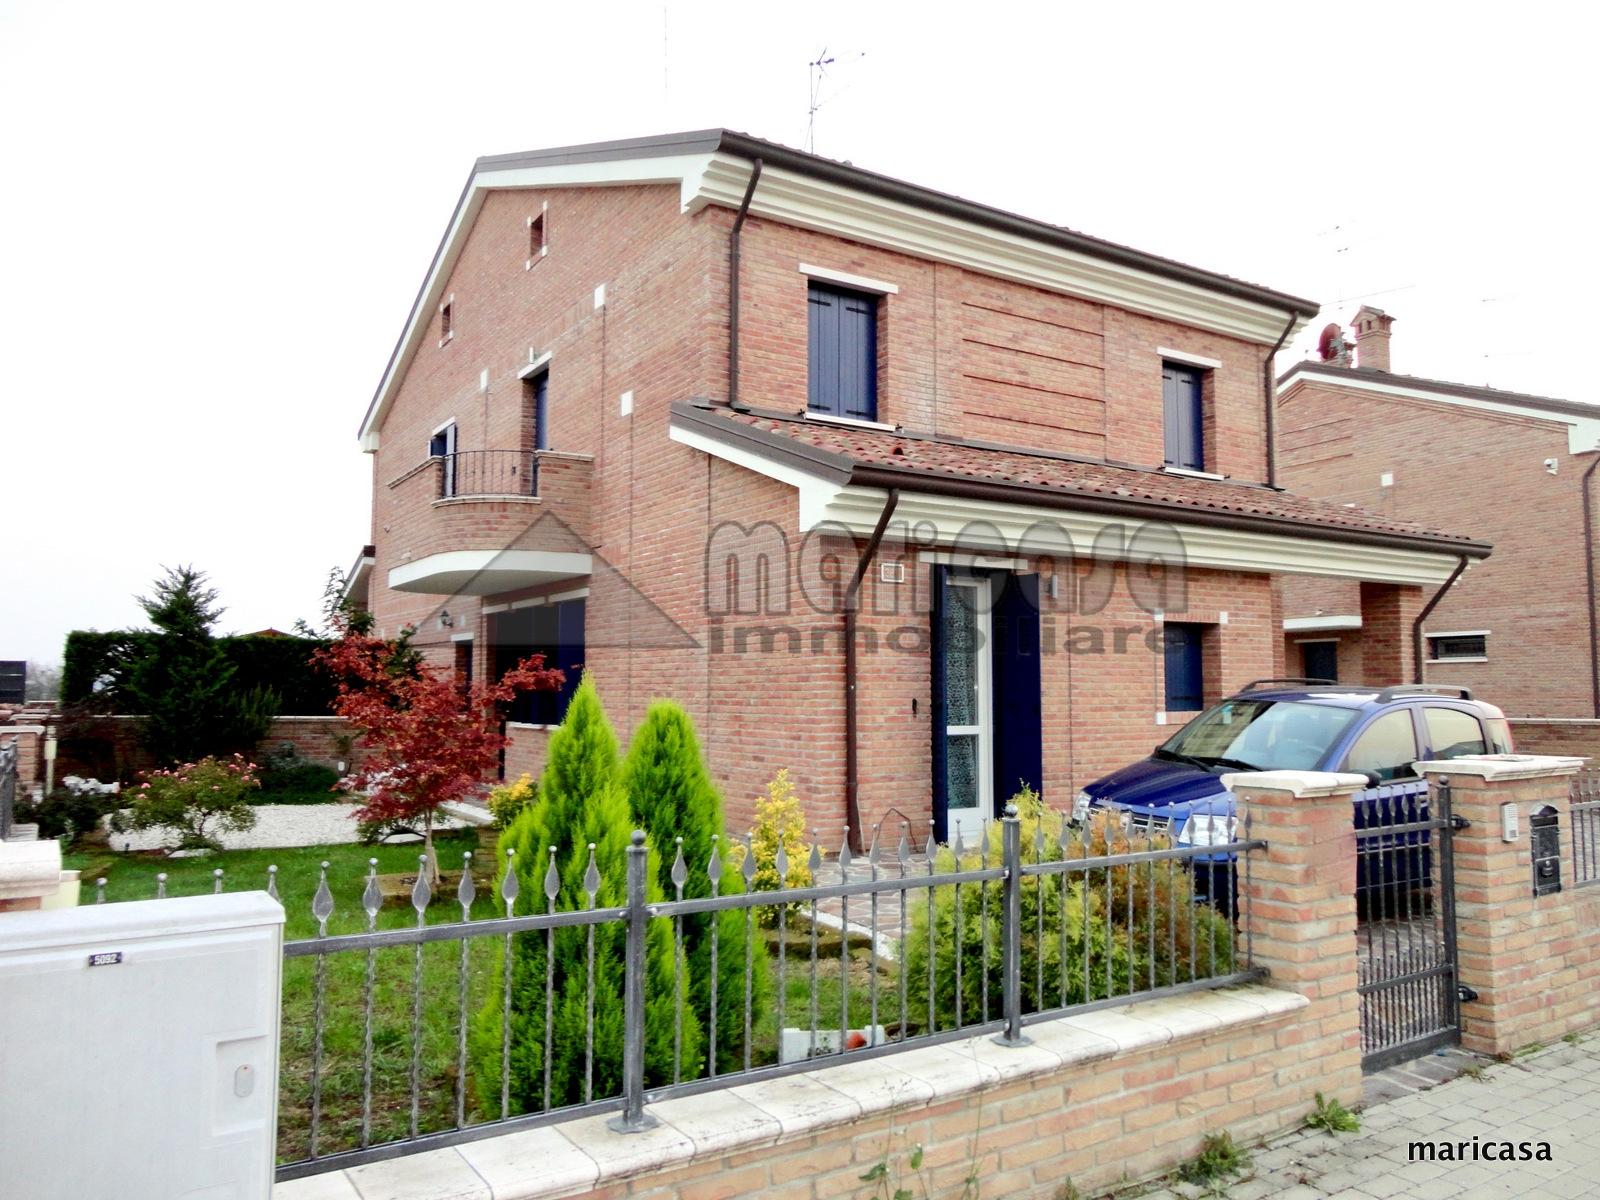 Vendita villa in ferrara vendesi villa a ferrara - Costo impianto idraulico casa 150 mq ...